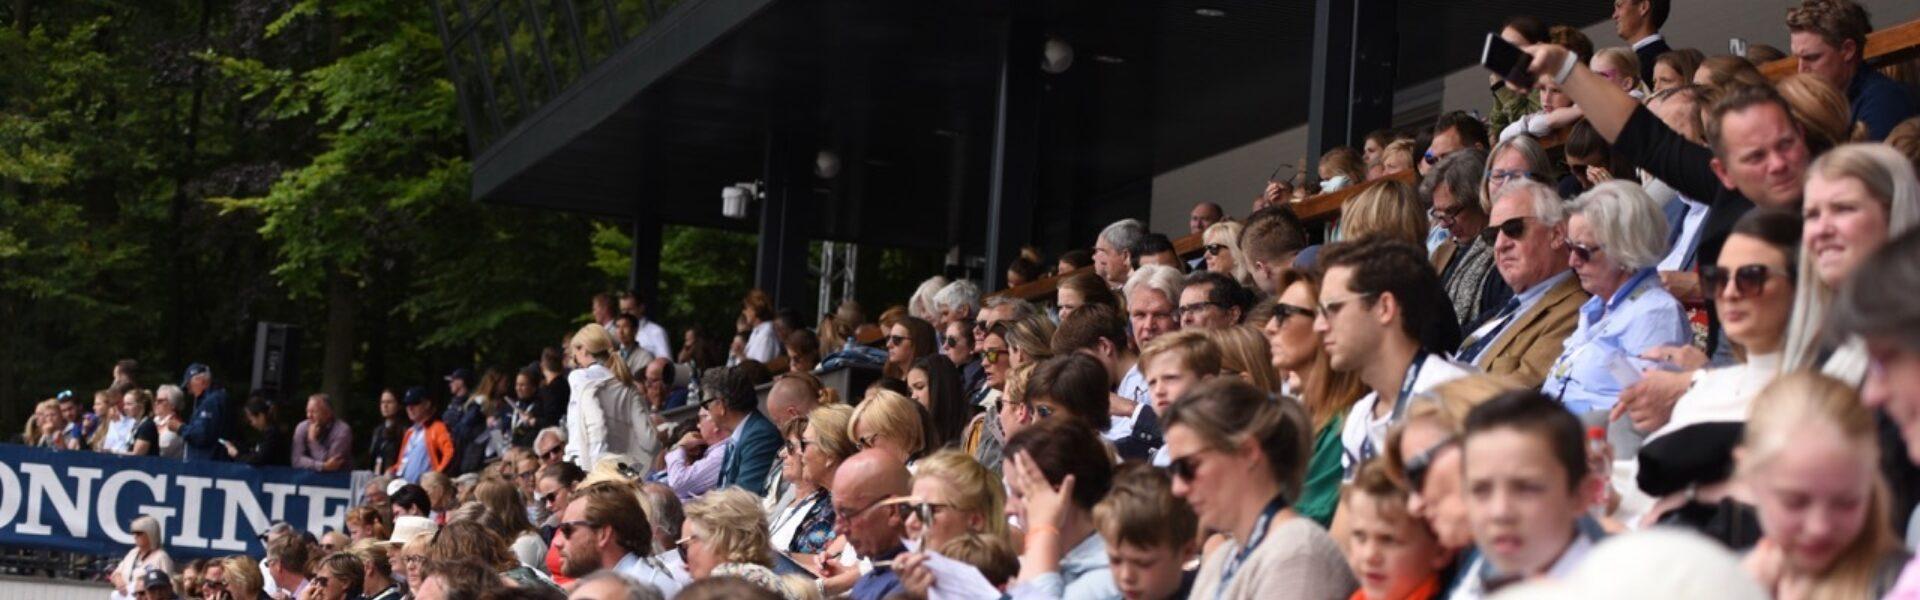 Longines-FEI-European-Championships-Rotterdam-2019-Volle-tribunes-en-pers-aan-het-werk-5